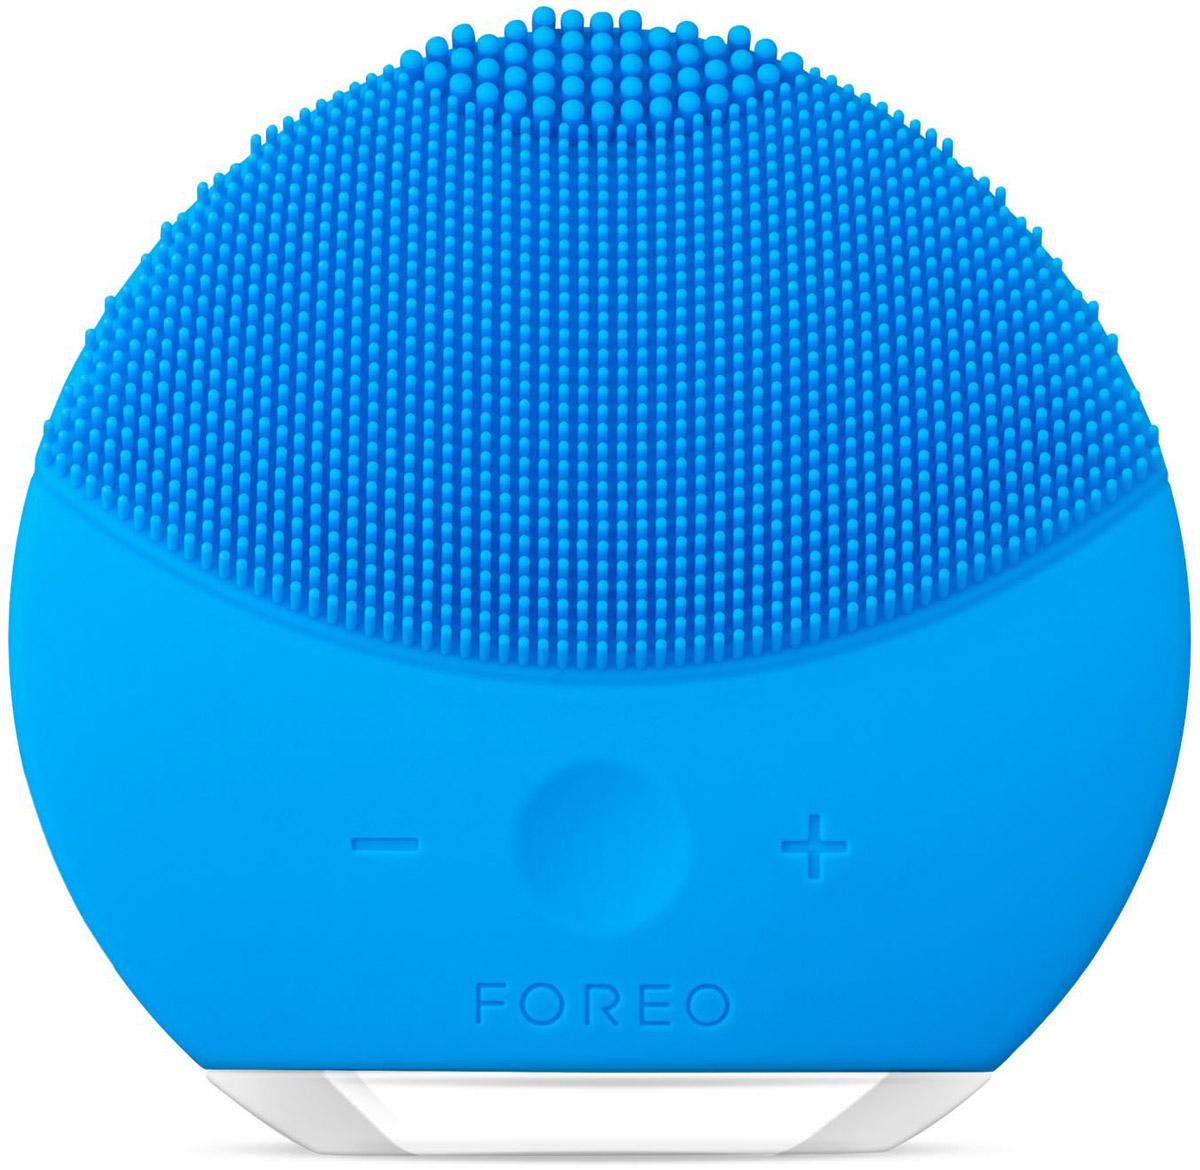 Foreo Щётка для очищения лица LUNA mini 2, цвет: Aquamarine (голубой)F6248LUNA mini 2 от шведского бьюти бренда FOREO это компактная щетка для очищения лица с усовершенствованной технологией TSonic, 8 ю уровнями интенсивности и индивидуальной настройкой очистки. Всего 1 минута дважды в день и твоя кожа всегда будет свежей, чистой и более гладкой. Мягкие силиконовые щетинки, передающие до 8000 T Sonic пульсаций в минуту, глубоко, но нежно очищают поры кожи от 99,5% грязи, кожного жира и остатков макияжа. Электрическая щетка для лица LUNA mini 2 избавляет кожу от приводящих к воспалениям загрязнений, обеспечивая при этом бережный уход. Электрическая щетка LUNA mini 2 не нуждается в замене головки щетки. Она выполнена из высокопрочного безопасного гипоаллергенного беспористого силикона, предотвращающего скопление бактерий, что делает ее в 35 раз гигиеничнее обычных нейлоновых щеток. Легкая и полностью водонепроницаемая LUNA mini 2 имеет 8 режимов скоростей и идеальна для использования в ванне и душе, полной зарядки прибора хватает на 300 сеансов очистки.